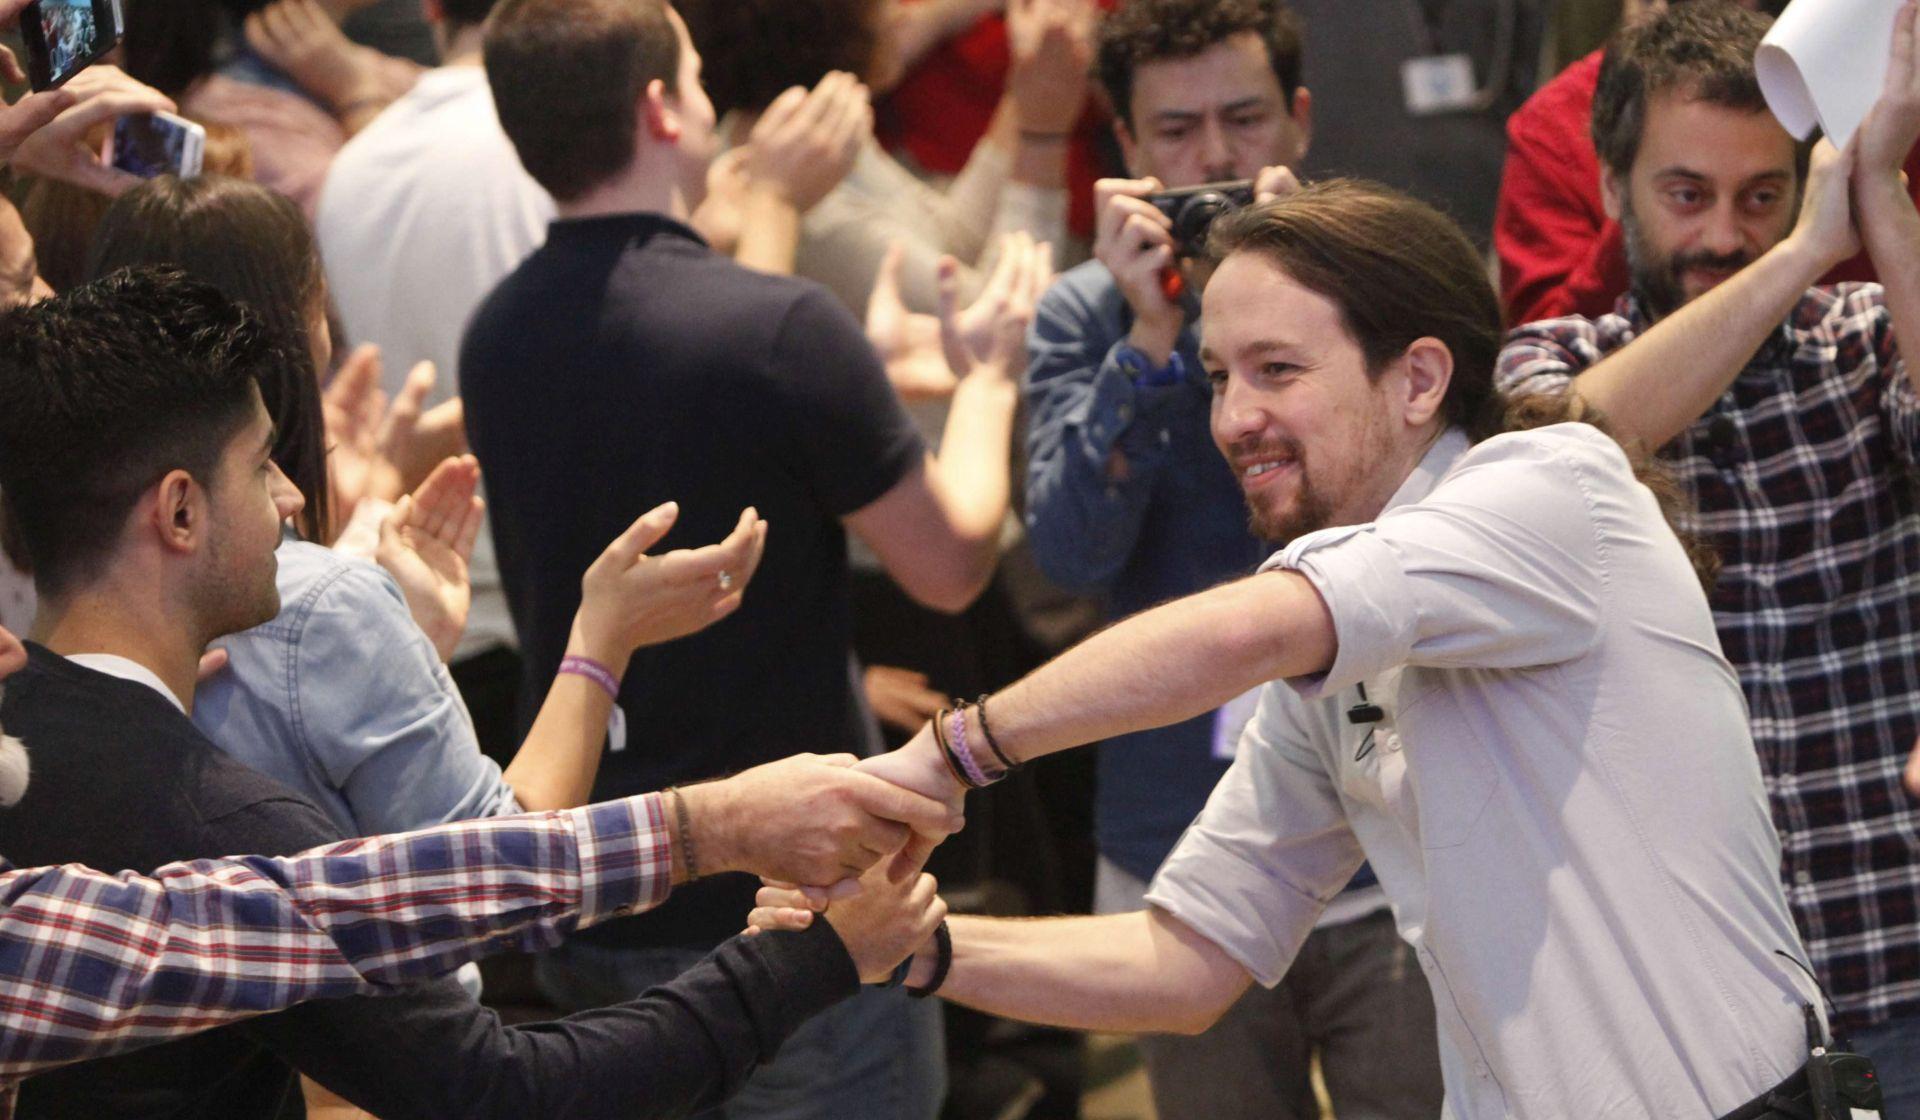 NEZAPOSLENOST: Radikalizirani mladi Španjolci uvjereni u promjene